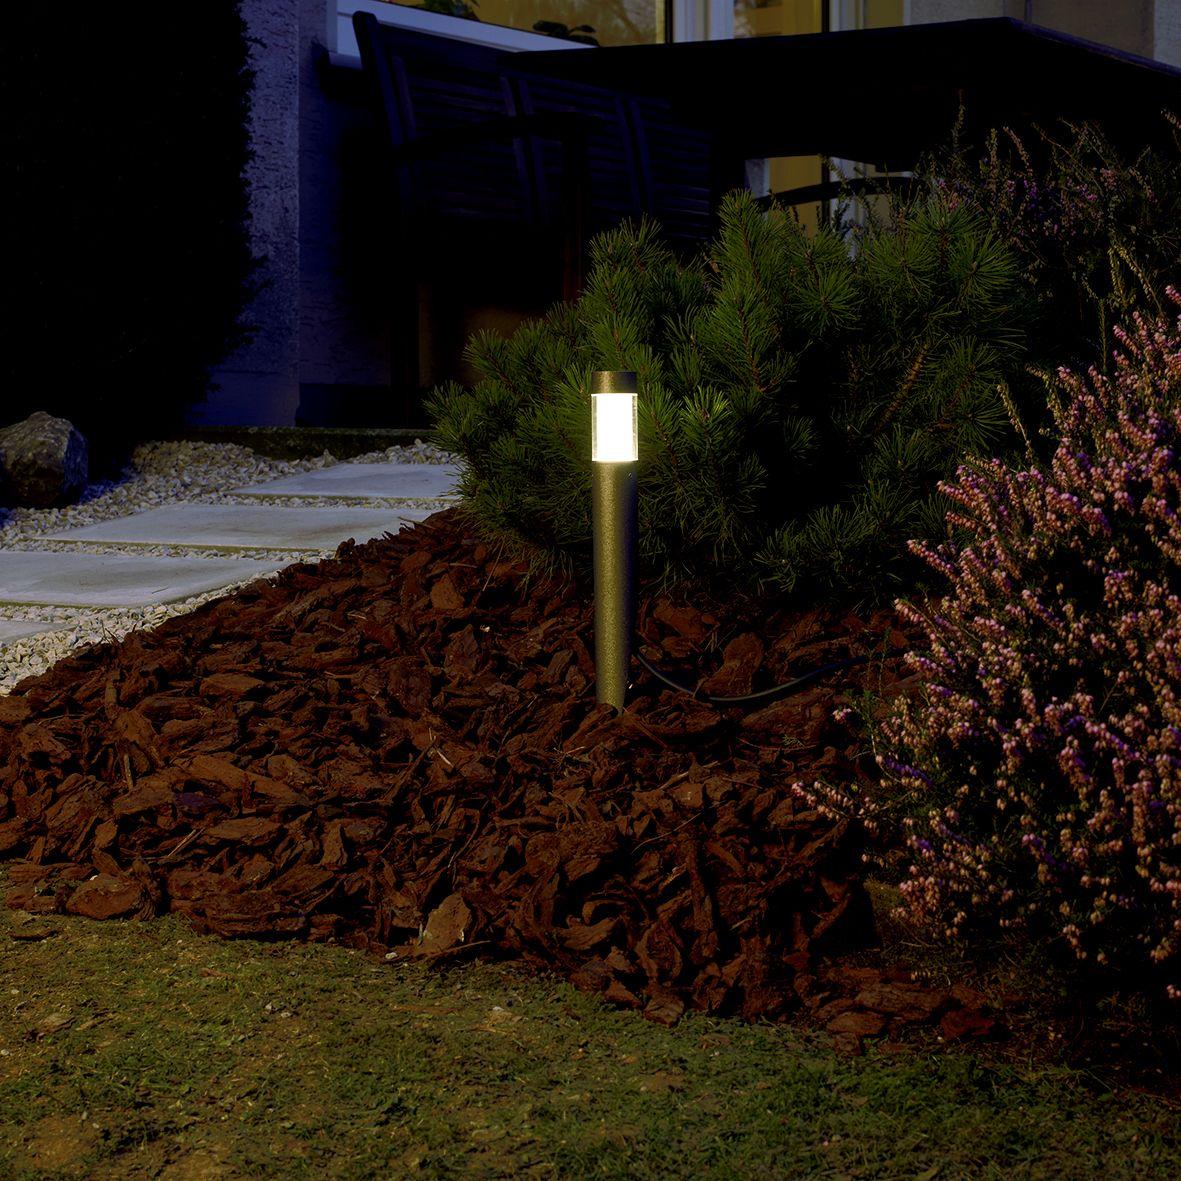 622484 Albert Led Gartenleuchte Die Neue Exklusivitat Im Garten Gartenspiess Leuchte Nicht Nur Dek Aussenleuchten Garten Outdoor Led Beleuchtung Gartenlampen